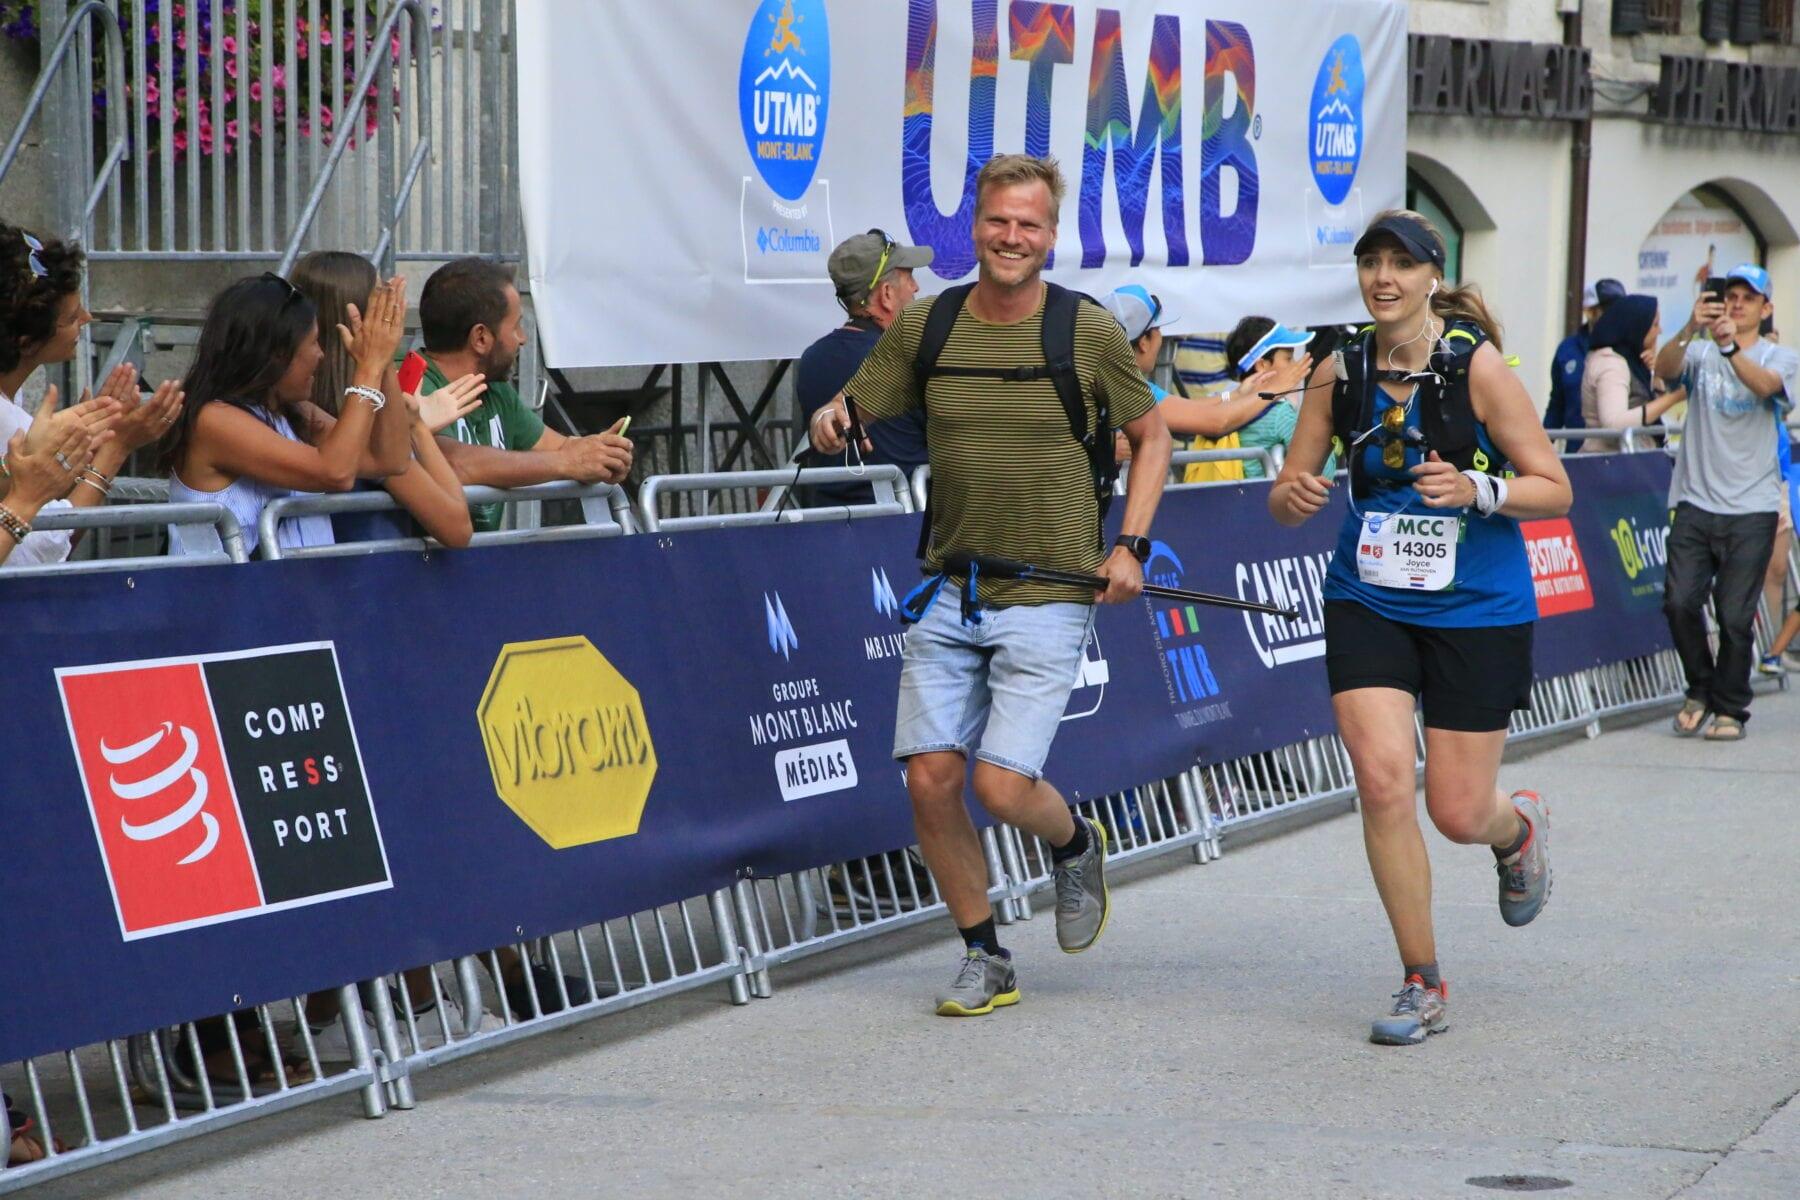 UTMB MCC race